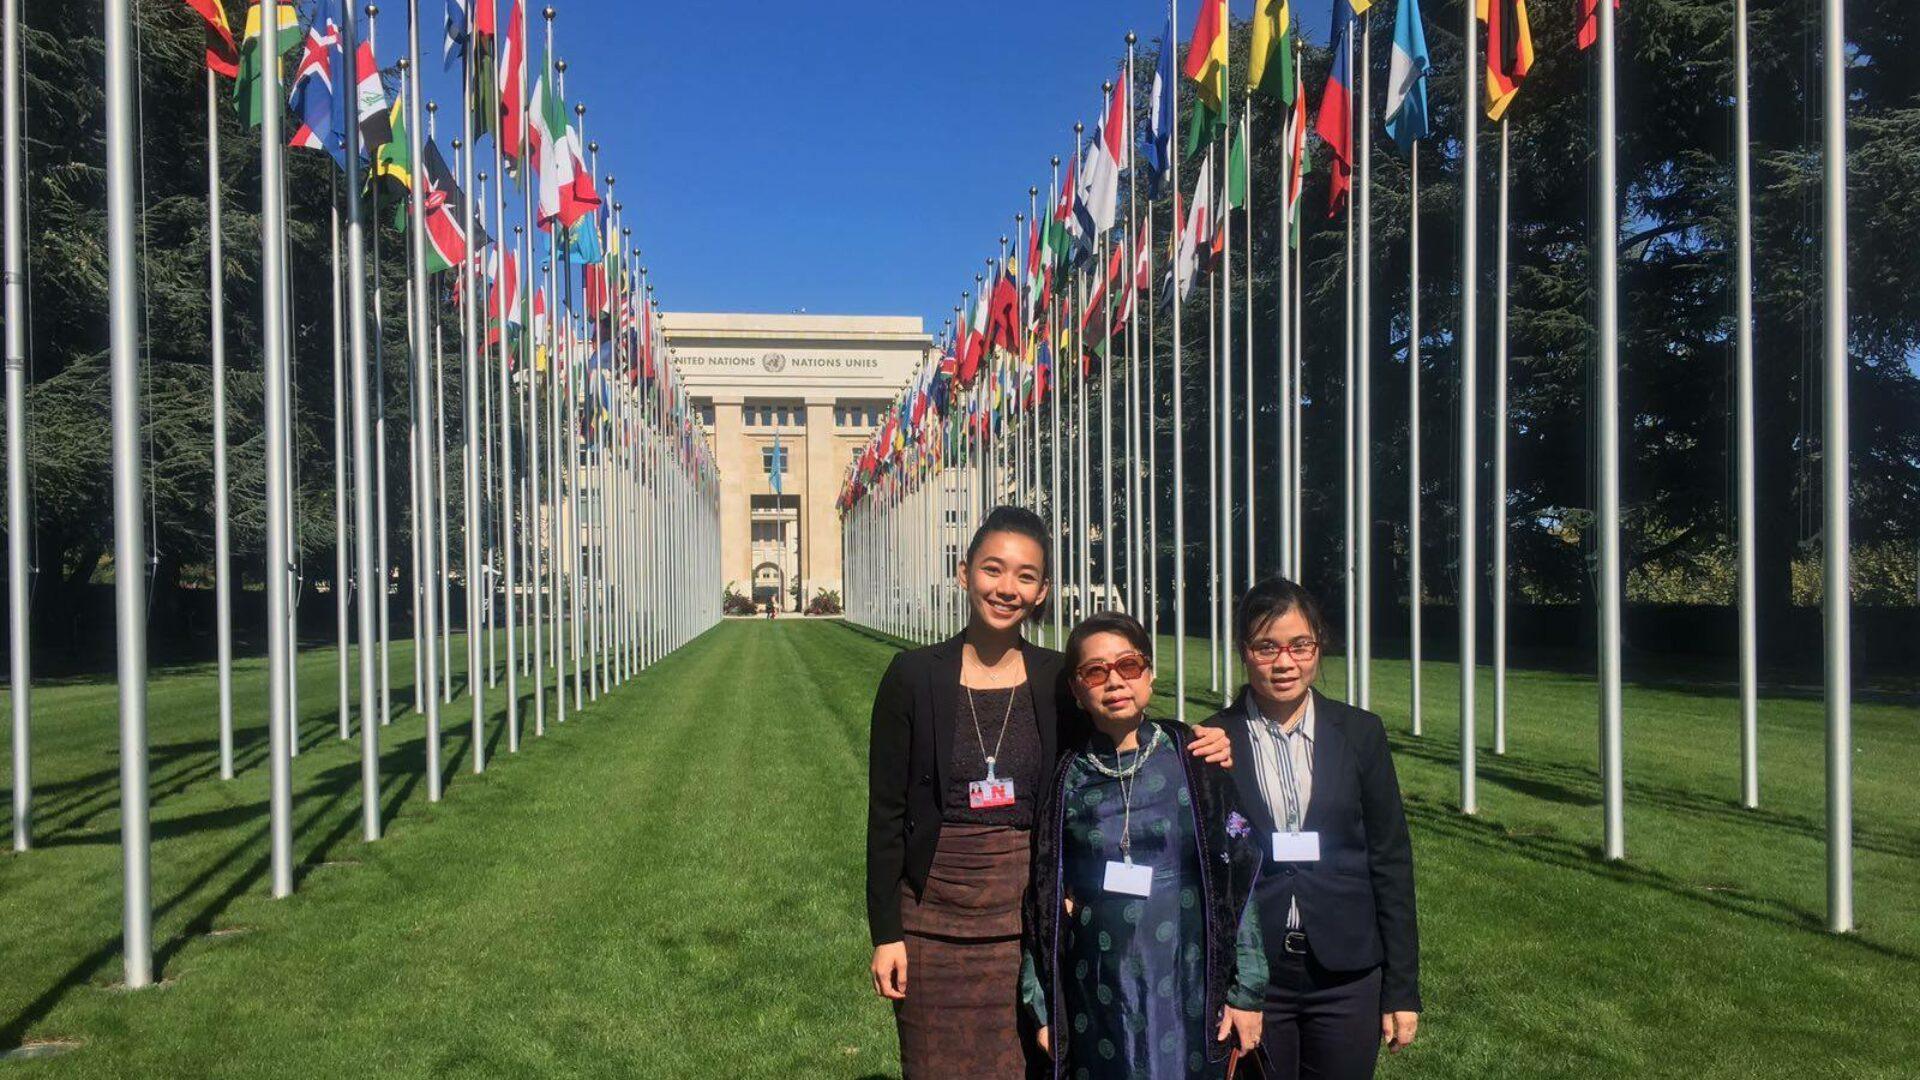 Anna Nguyễn vì quyền sống của người dân trong nước